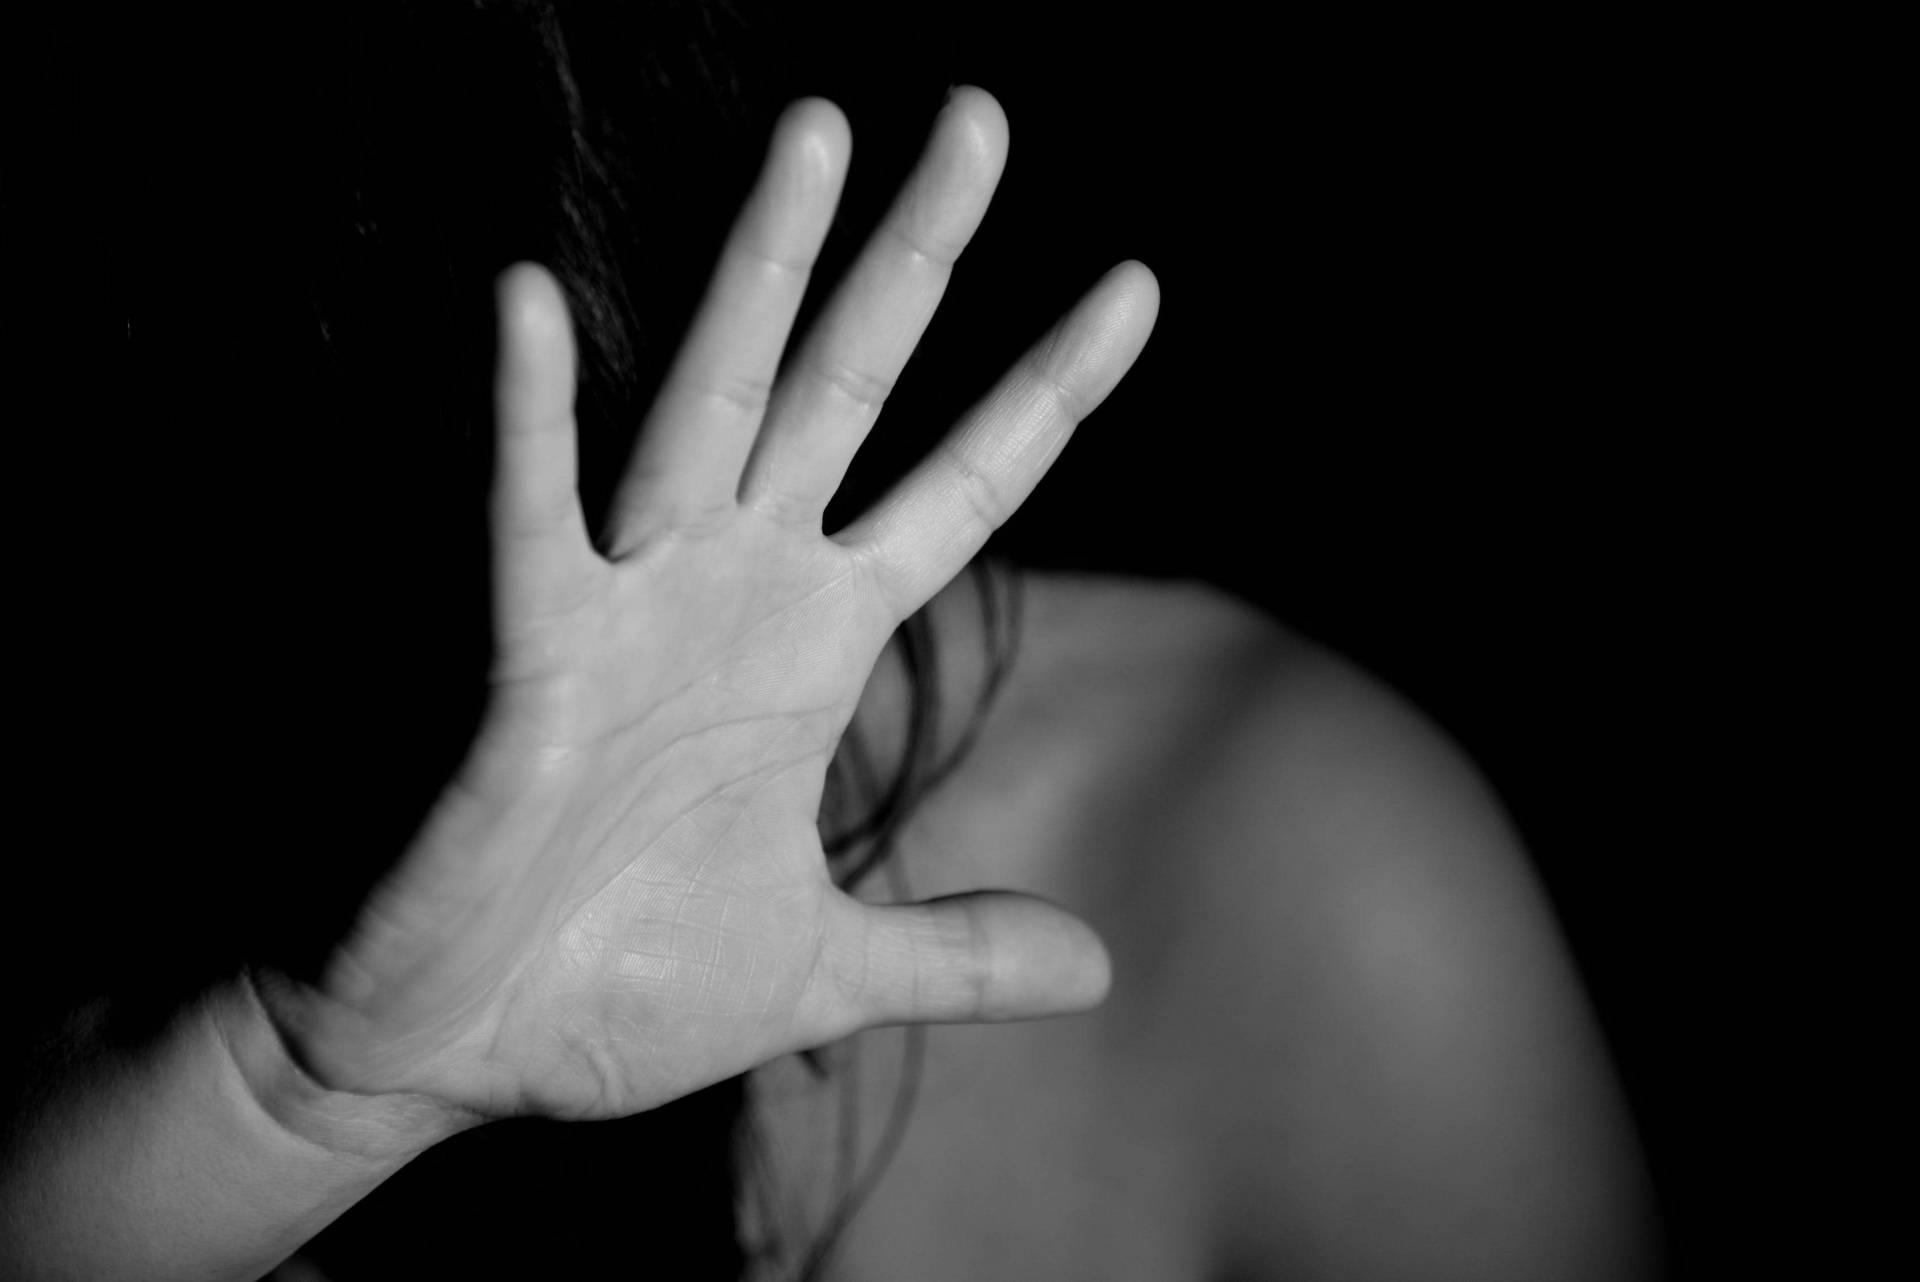 Φ. Γεννηματά: Ο φόβος για τις γυναίκες είναι μέσα στα σπίτια